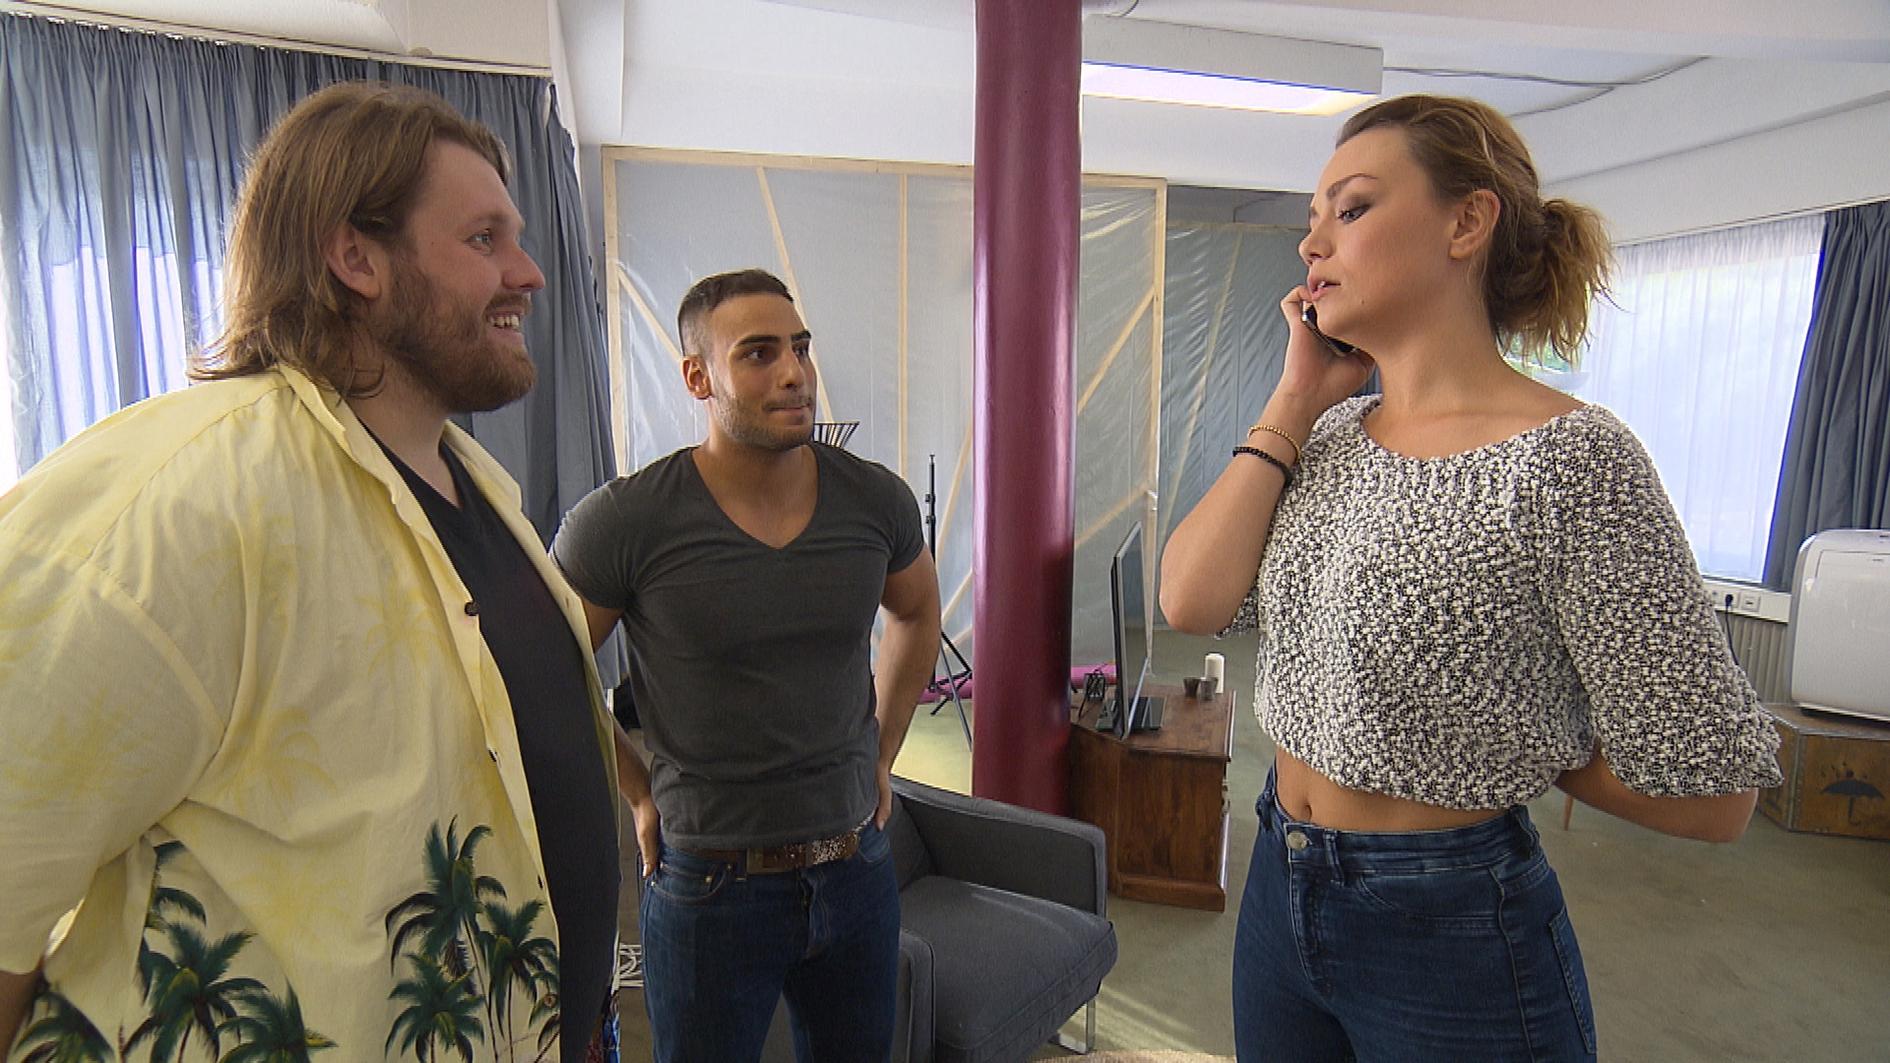 Jan (li.) will Laura (re.) auf seine Seite ziehen, damit Joleen überstimmt wird und Cem (Mitte) als Zwischenmieter akzeptieren muss. (Quelle: RTL 2)